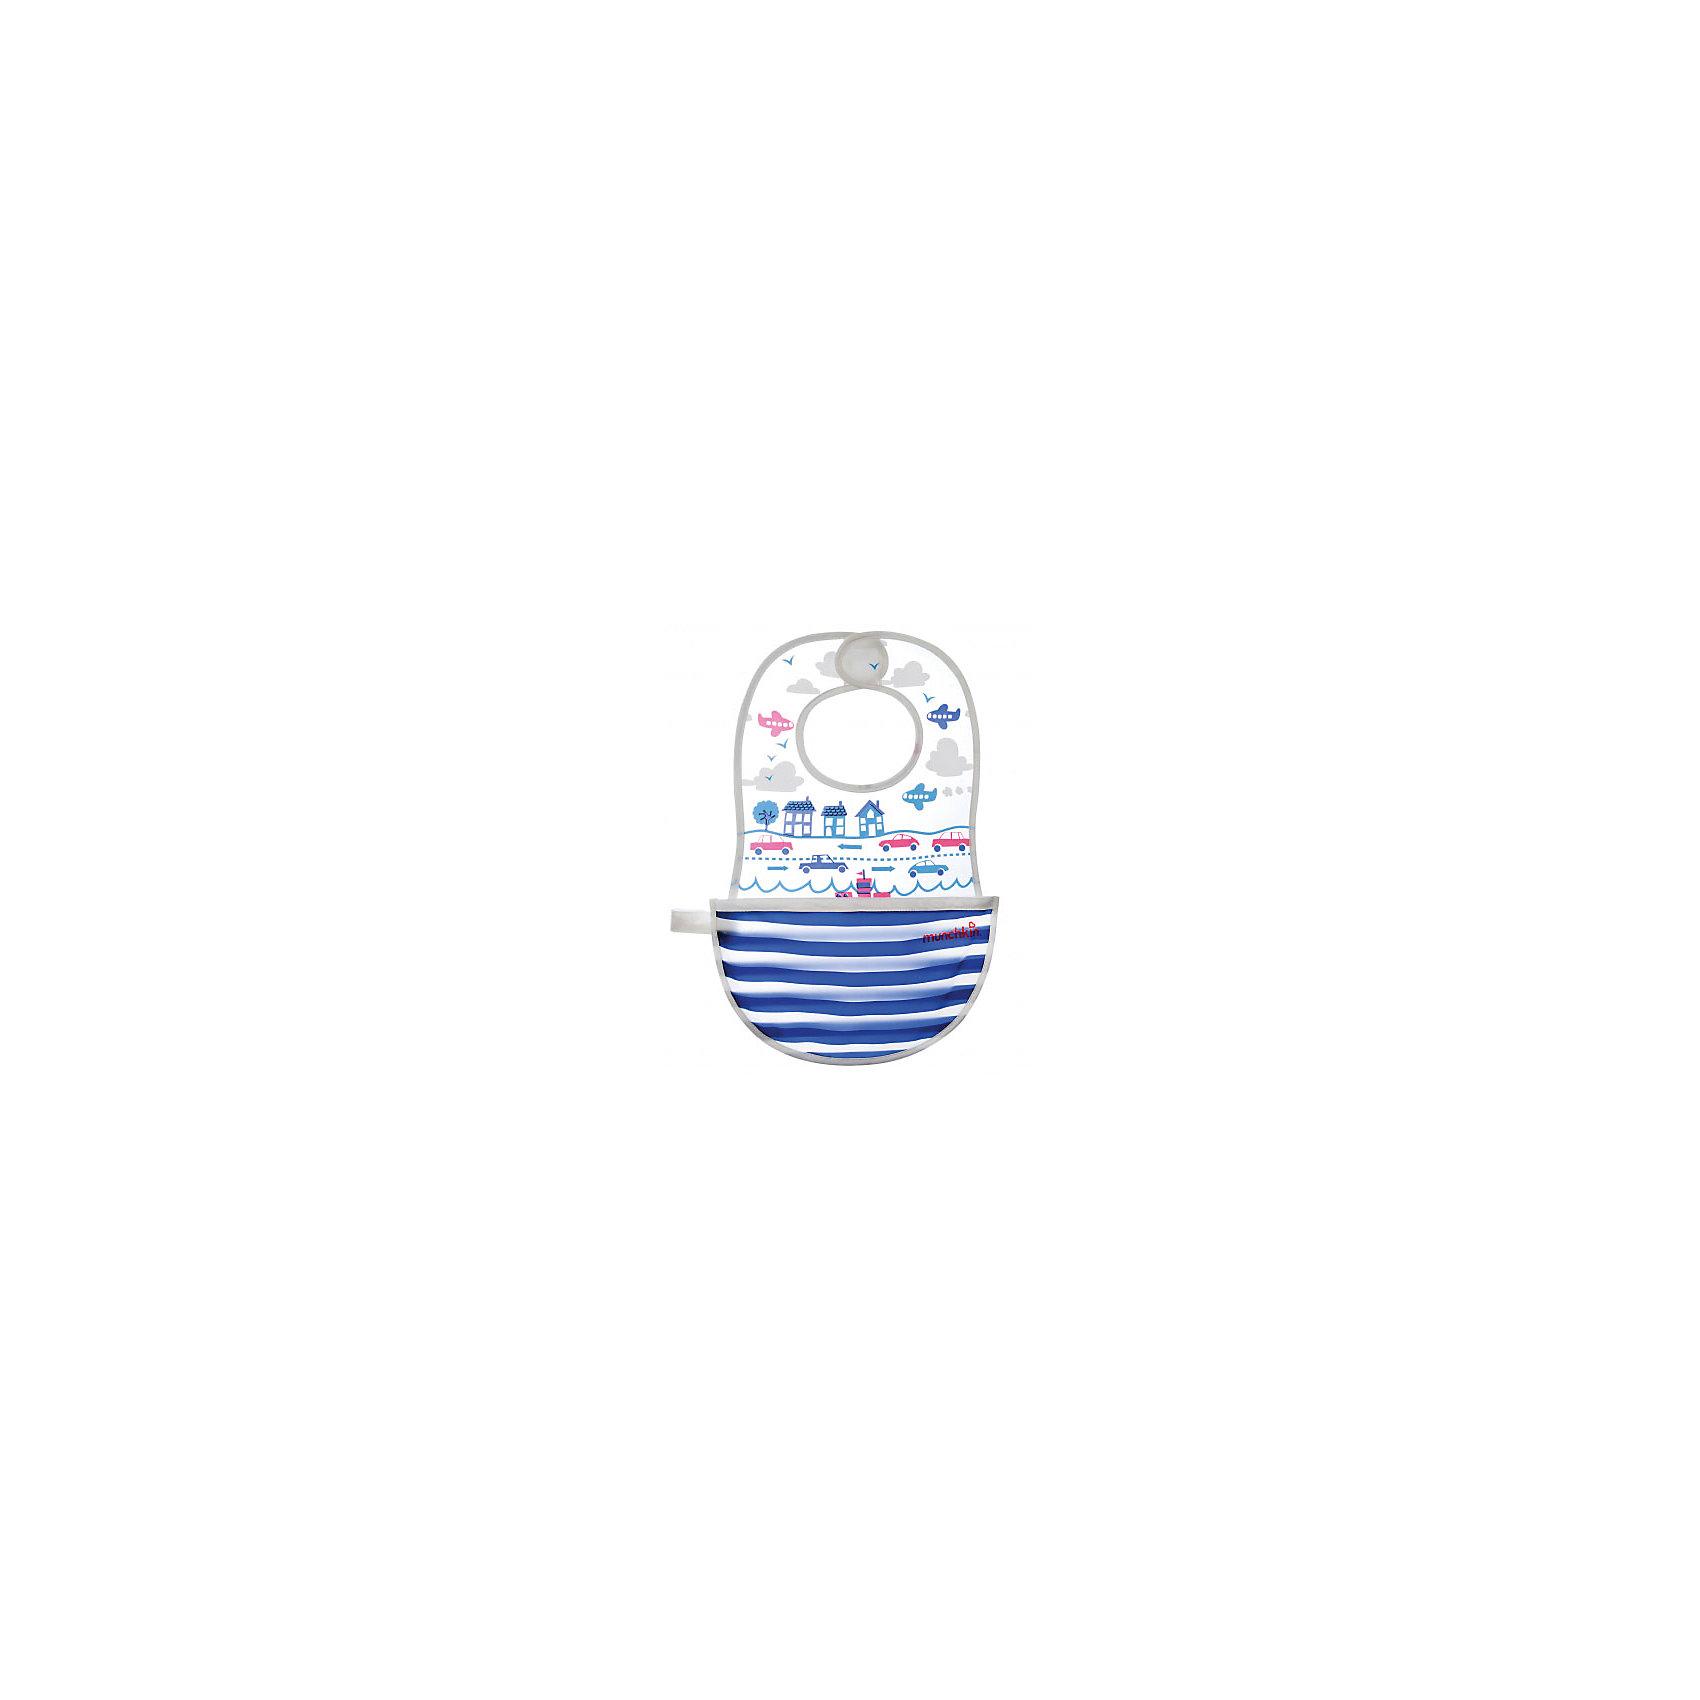 Нагрудник To-Go, MunchkinНагрудник To-Go, Munchkin (Манчкин) - это помощник мамы во время кормления малыша и в период приучения его к самостоятельному приему пищи.<br>Нагрудник Munchkin To-Go изготовлен из высококачественного мягкого пластика не содержит PVС и декорирован красочными рисунками с различной тематикой. На шее ребенка он фиксируется при помощи застежки на липучку. По горловине и краям оформлен кантом из хлопковой ткани, которая нежно соприкасается с кожей крохи и не натирает ее. Нагрудник оснащен специальным кармашком, куда попадают все крошки, что очень удобно и практично. Также нагрудник легко складывается и превращается в небольшую сумочку, в которую с легкостью помещается различные аксессуары для кормления, ложки, посуду, салфетки, чтобы все это не было разбросано по всей сумке, а лежало в порядке. Такая сумочка застегивается на липучку и имеет петельку, при помощи которой ее можно повесить на ручку коляски или сумки, а во время прогулки все быстро достать и накормить ребенка. Нагрудник очень компактный, его удобно брать с собой в путешествие, поездку на природу.<br><br>Дополнительная информация:<br><br>- В комплекте: 1 нагрудник<br>- Расцветка в ассортименте<br>- Материал: пластик<br>- Размер нагрудника: 39,5 х 26,5 см.<br>- Размер в виде сумочки: 26,5 х 15 см.<br>- Подходит для деток с обхватом шее до 31 см.<br>- Размер упаковки: 24 х 9 х 9 см.<br>- Вес: 150 г.<br>- ВНИМАНИЕ! Данный товар представлен в ассортименте. К сожалению, предварительный выбор невозможен. При заказе нескольких единиц данного товара, возможно получение одинаковых<br><br>Нагрудник To-Go, Munchkin (Манчкин) можно купить в нашем интернет-магазине.<br><br>Ширина мм: 240<br>Глубина мм: 90<br>Высота мм: 90<br>Вес г: 150<br>Возраст от месяцев: 4<br>Возраст до месяцев: 36<br>Пол: Унисекс<br>Возраст: Детский<br>SKU: 4142394